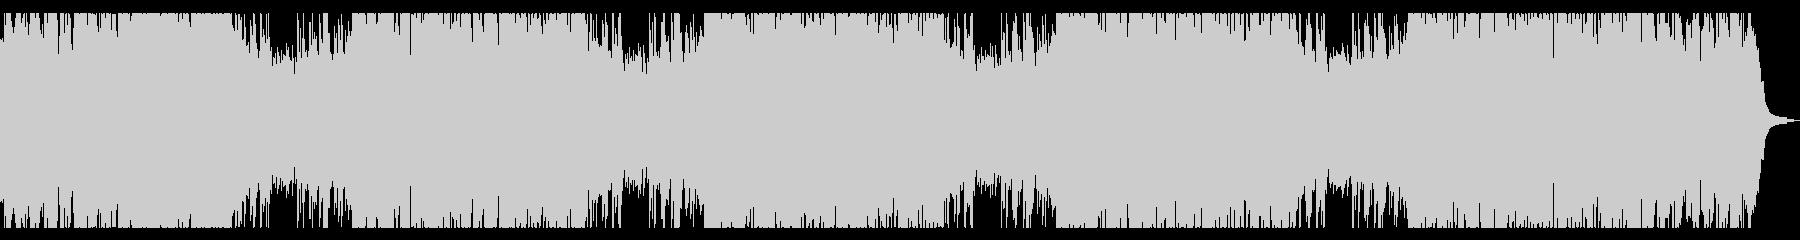 ピアノとチェロのアンビエント ロングの未再生の波形